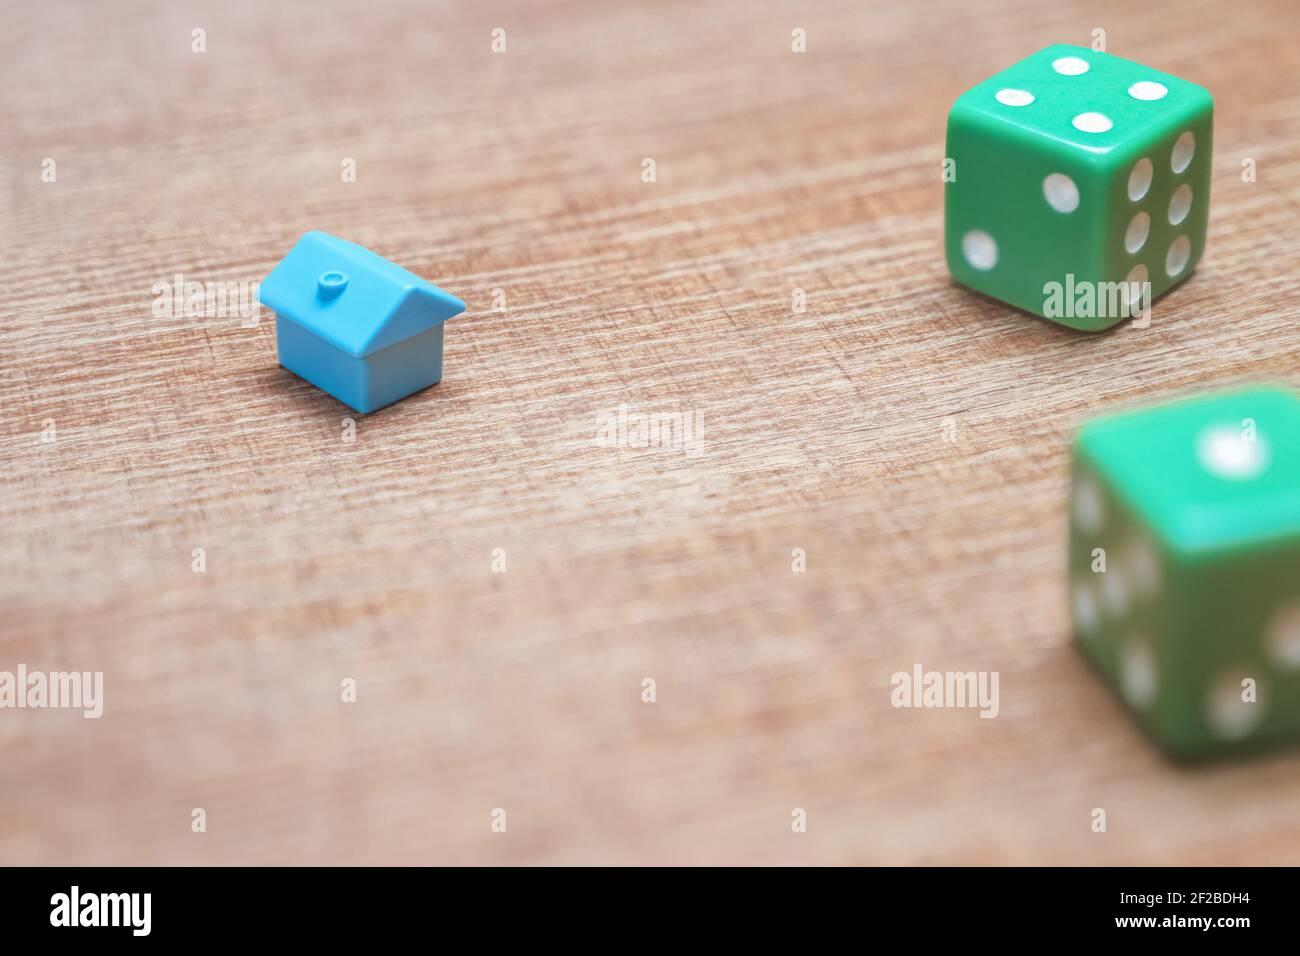 Notion de risques et de chances de propriété. Maison miniature et dés sur fond de bois prêts hypothécaires impôts immobiliers et dettes. Symbol investissement dans la maison Banque D'Images